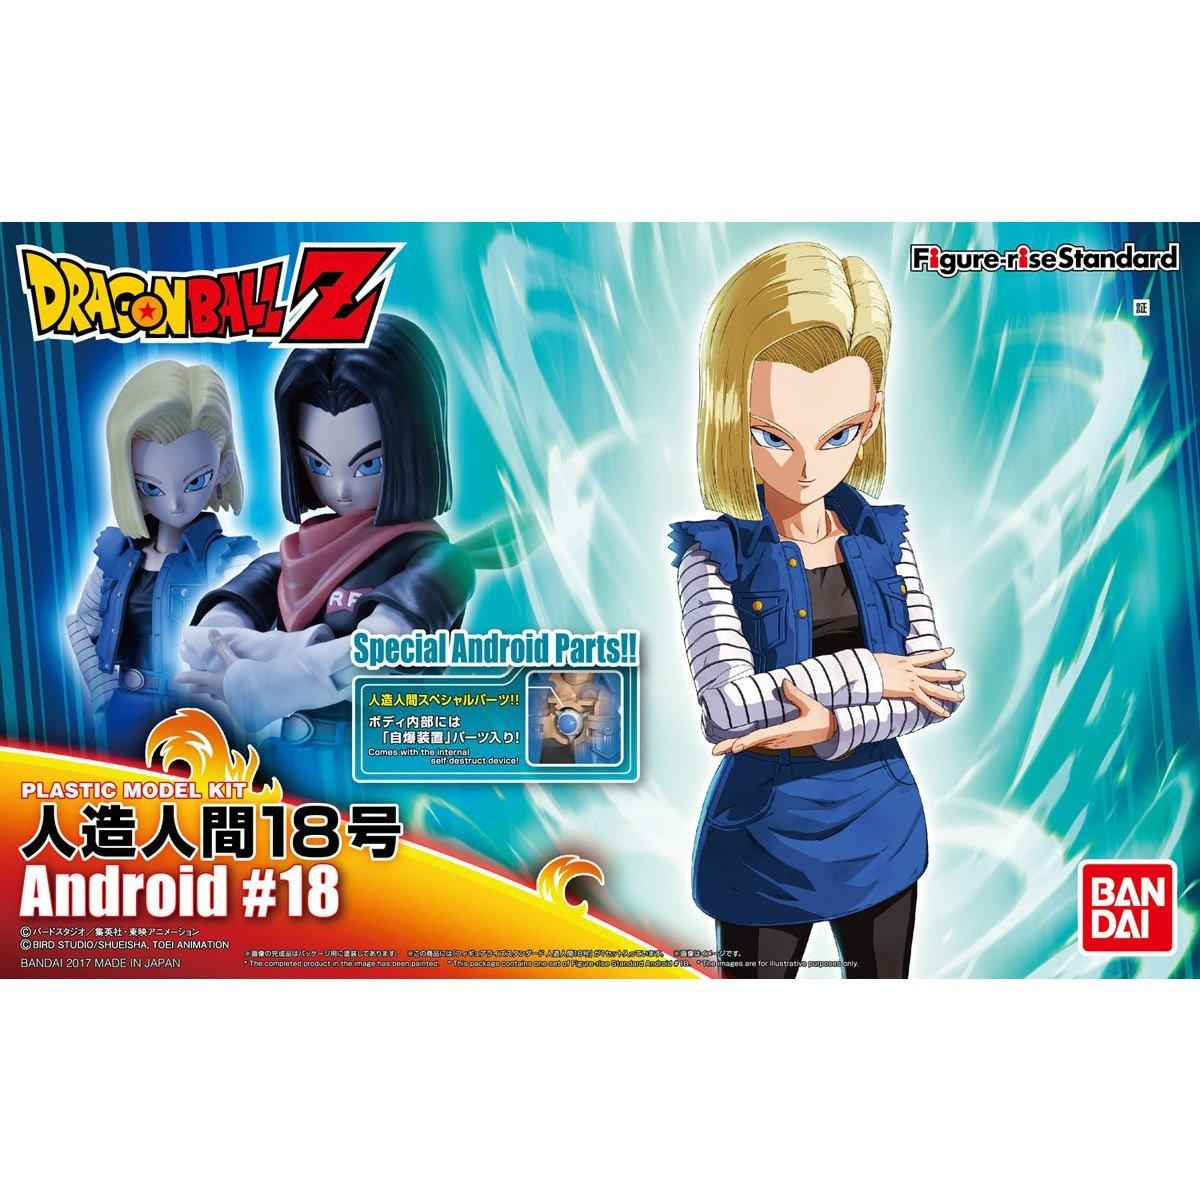 【新商品】Figure-riseStandard 人造人間18号も同時発売! シリーズ初の女性キャラクターで、表情パーツ